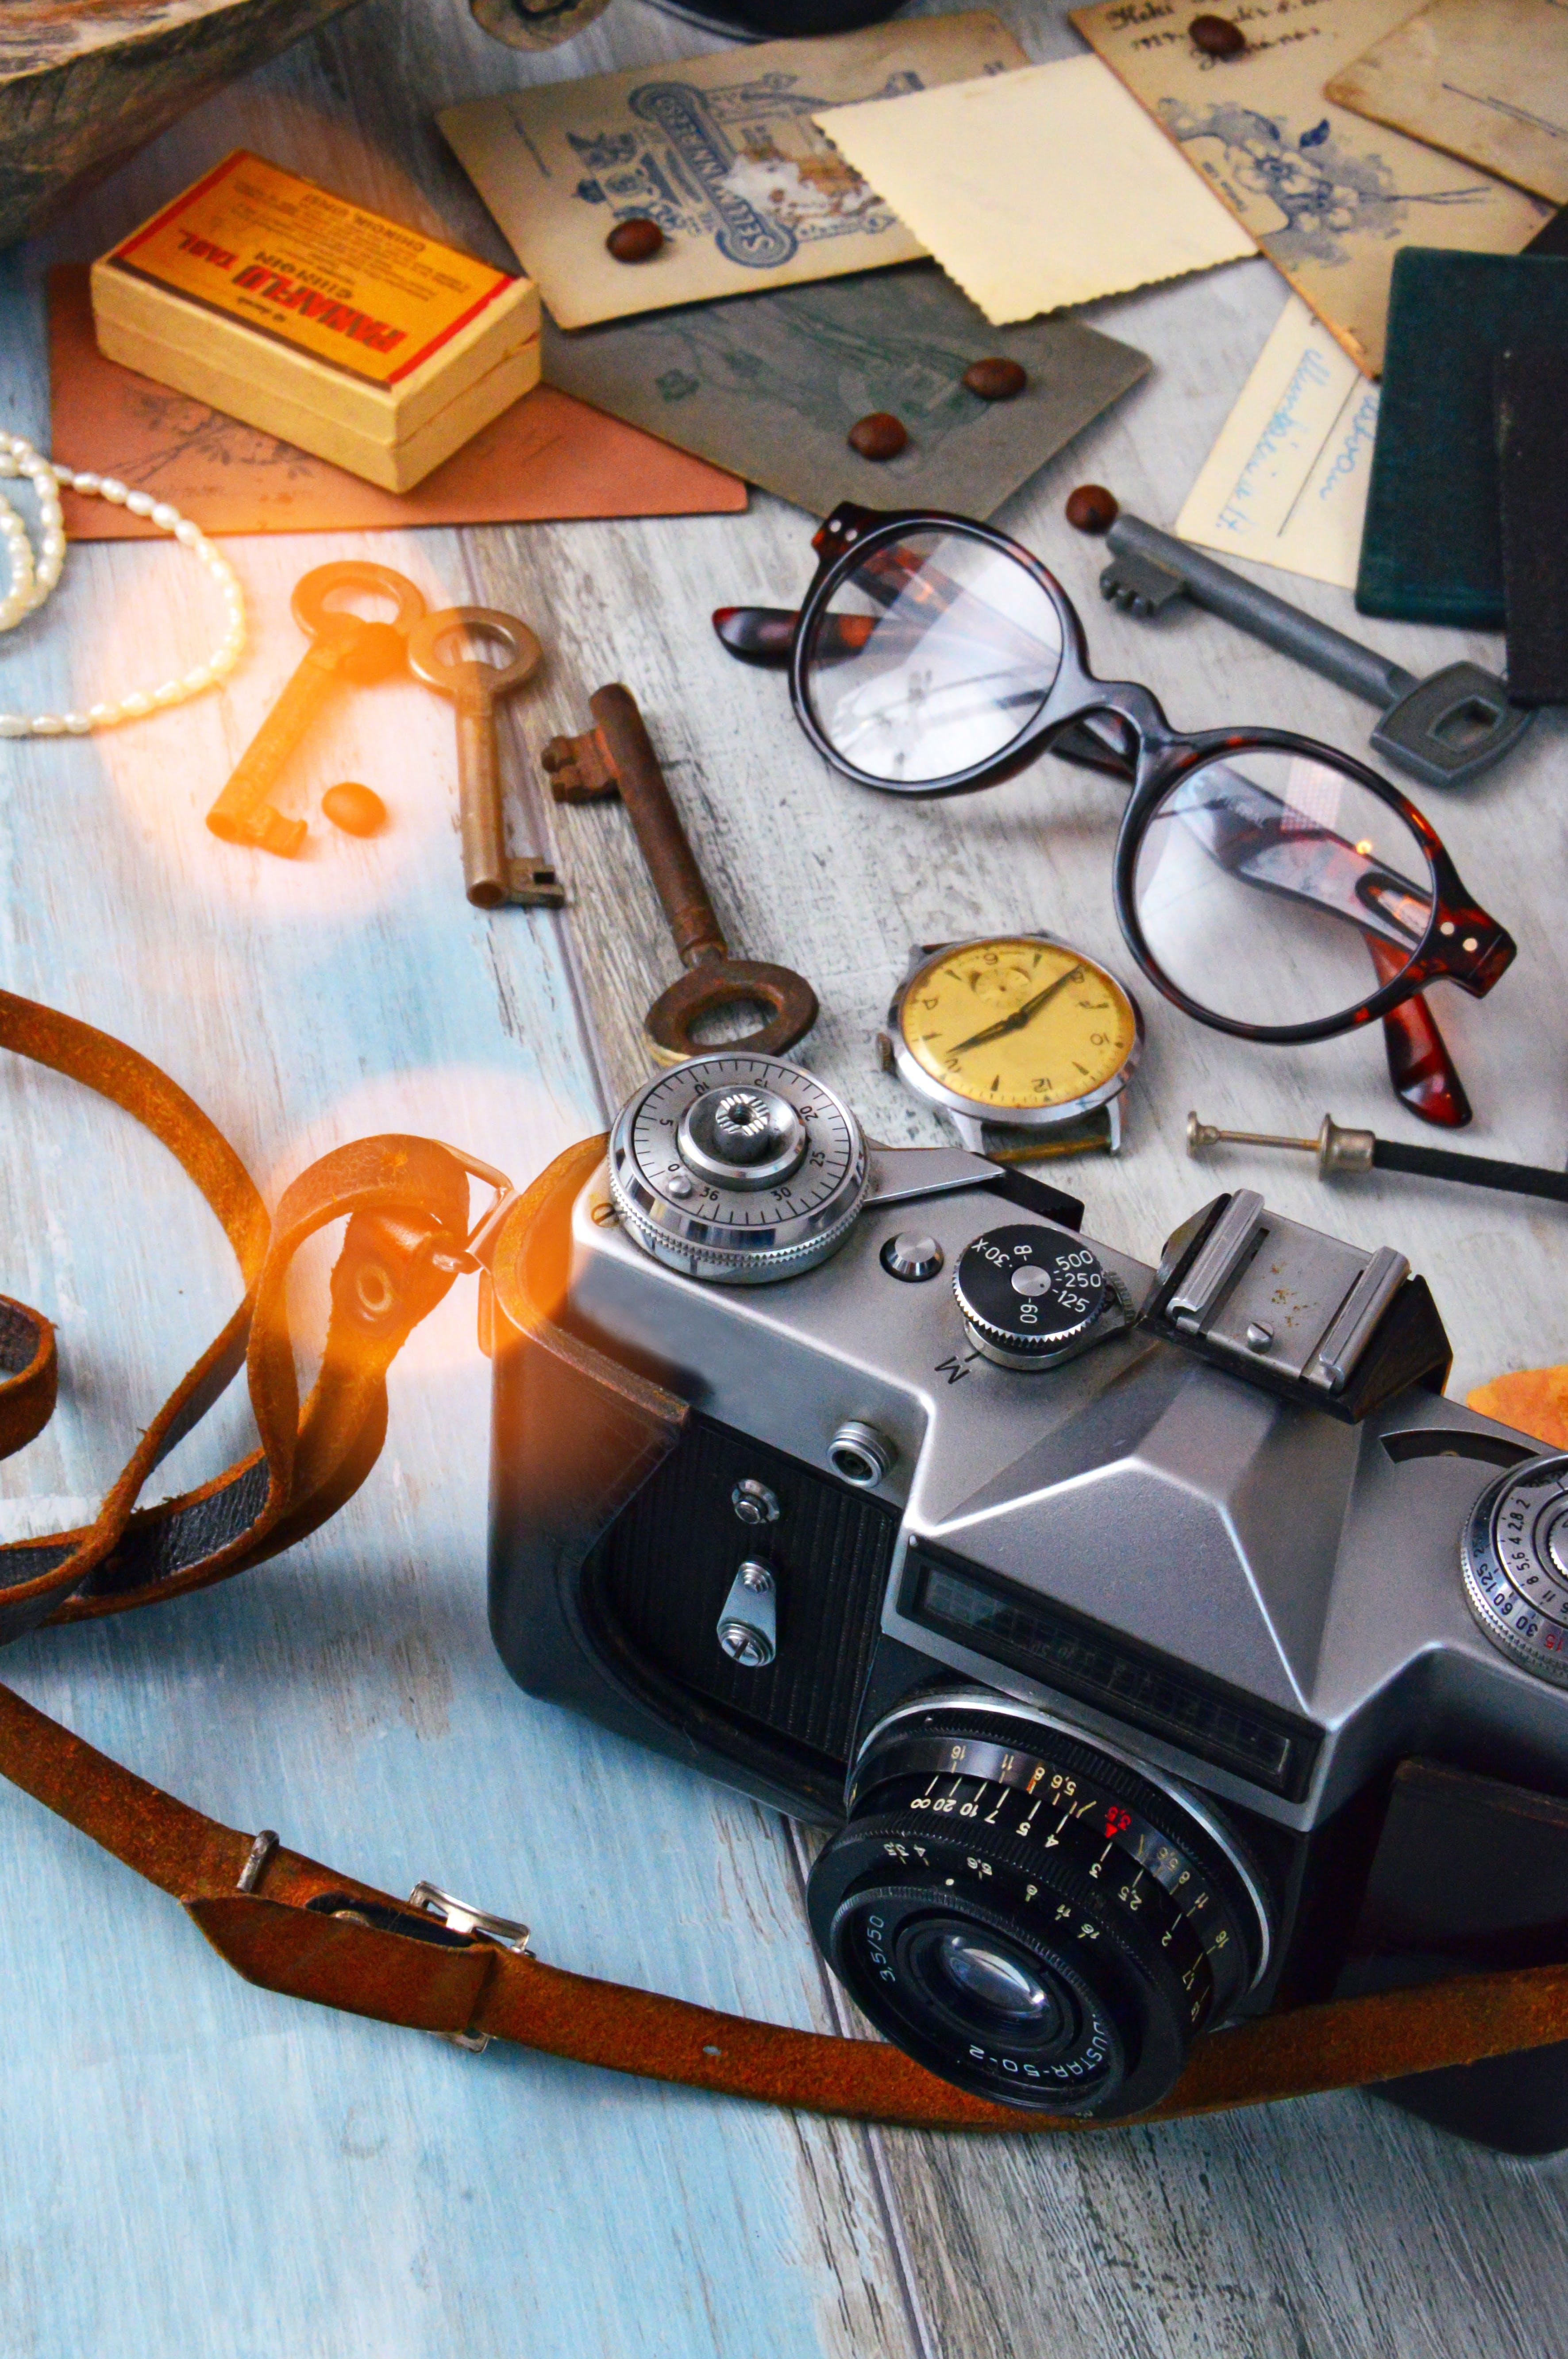 Gratis stockfoto met achtergrond, apparaat, binnen, camera